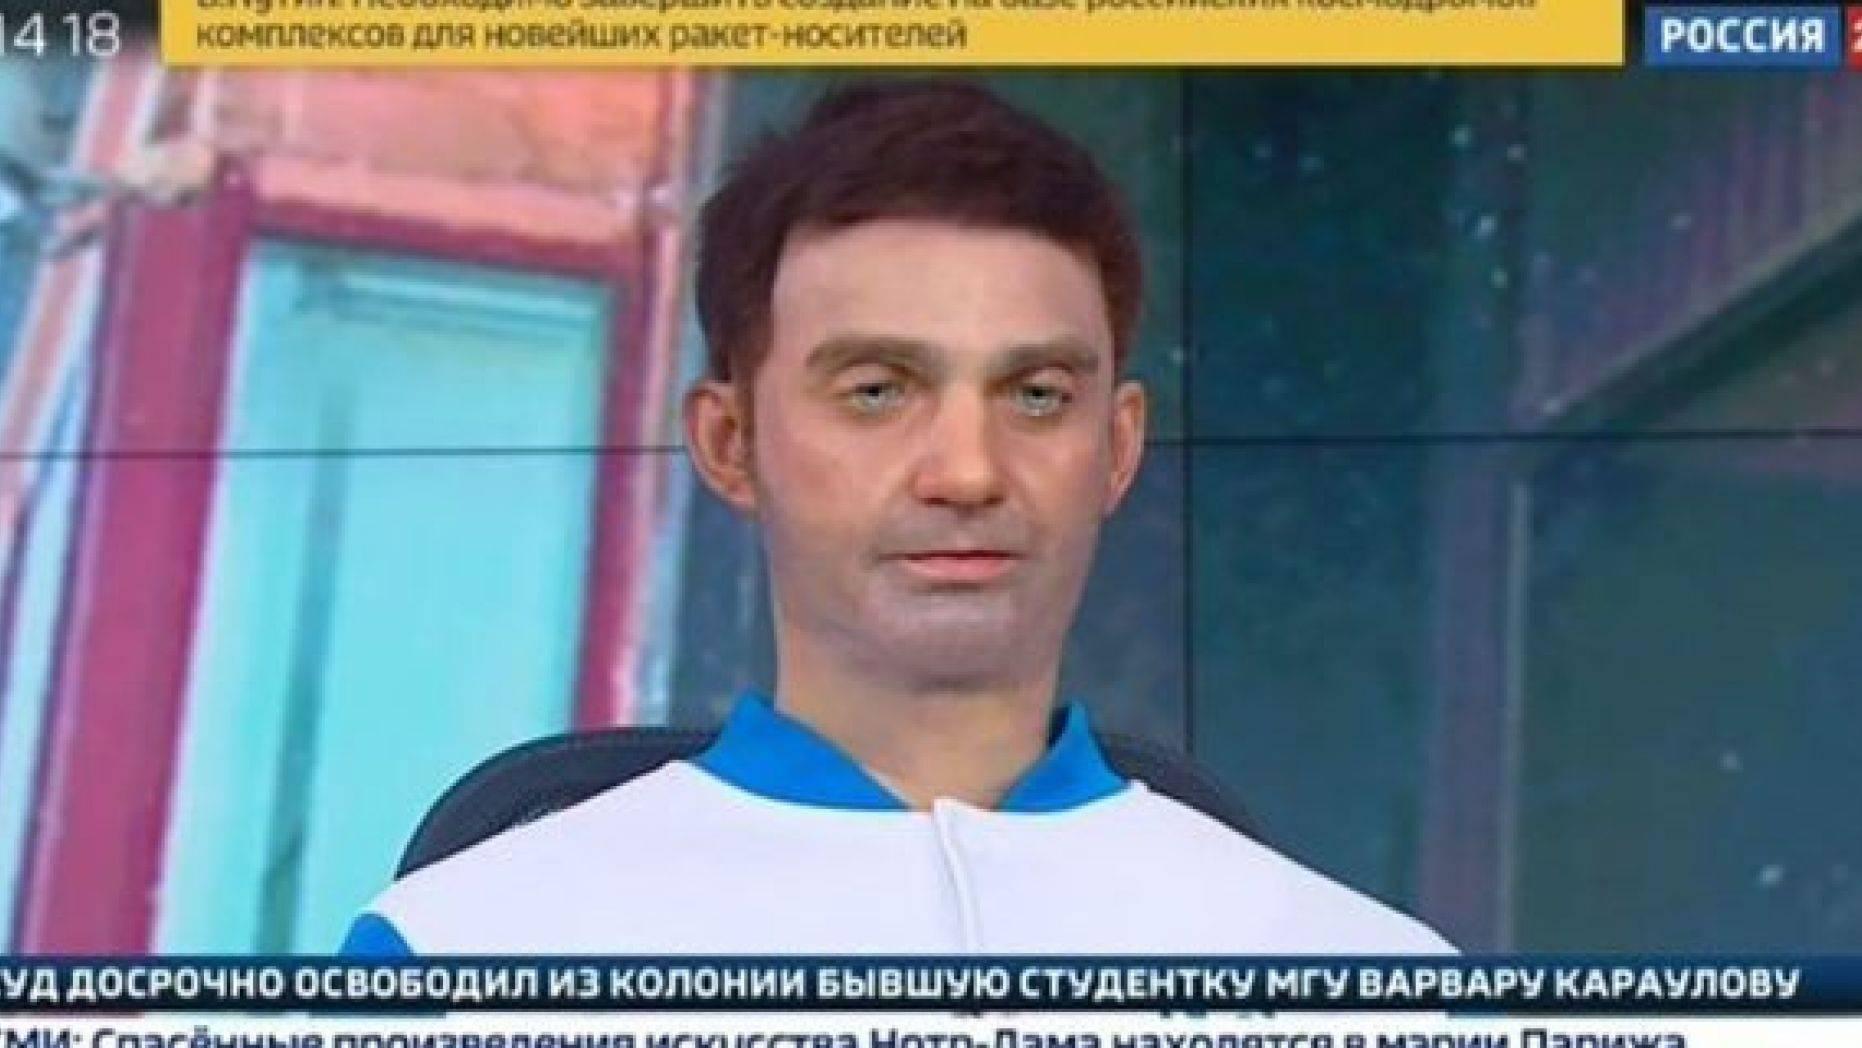 Insólito: Robot con forma humana que lee noticias causa revuelo en Rusia